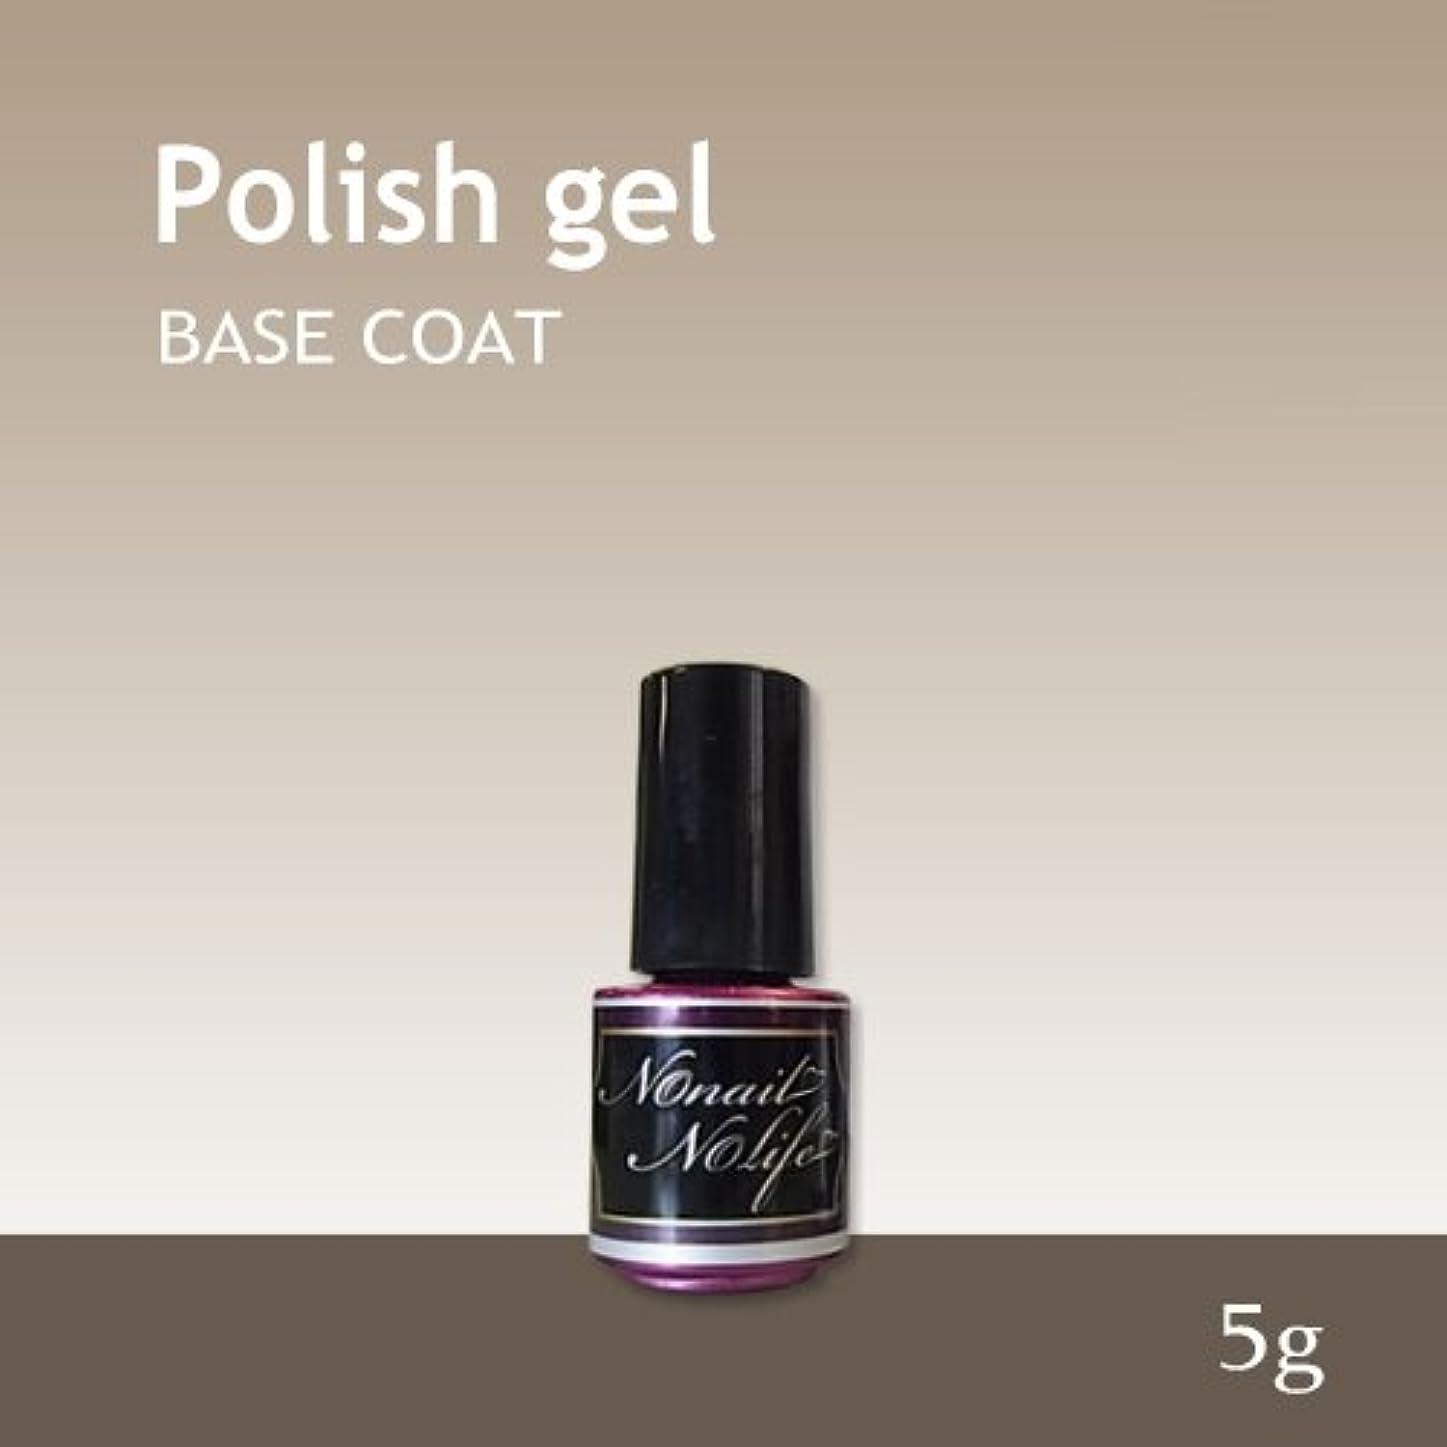 冒険者ソビエト大通りジェルネイル《サンディング不要のベースコート》Natural Polish ポリッシュベースジェル(5g)